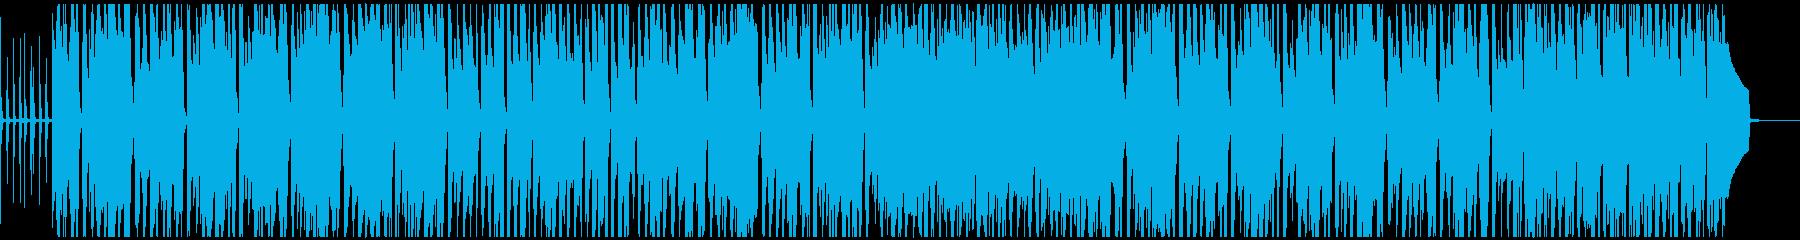 シロフォンとアコギの可愛いポップなBGMの再生済みの波形